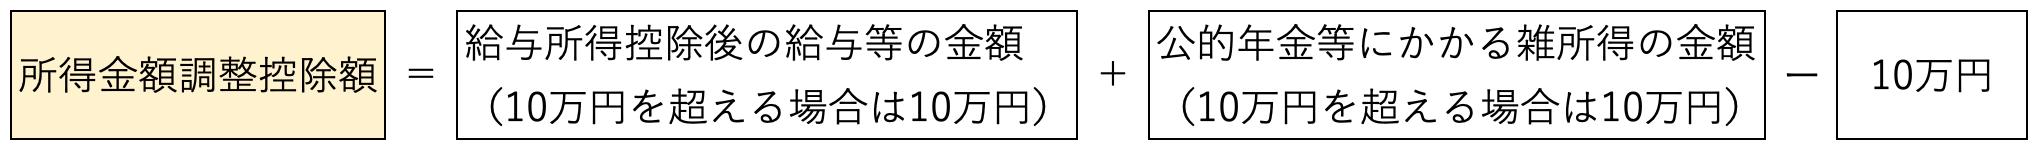 所得金額調整控除10万円の差し引き